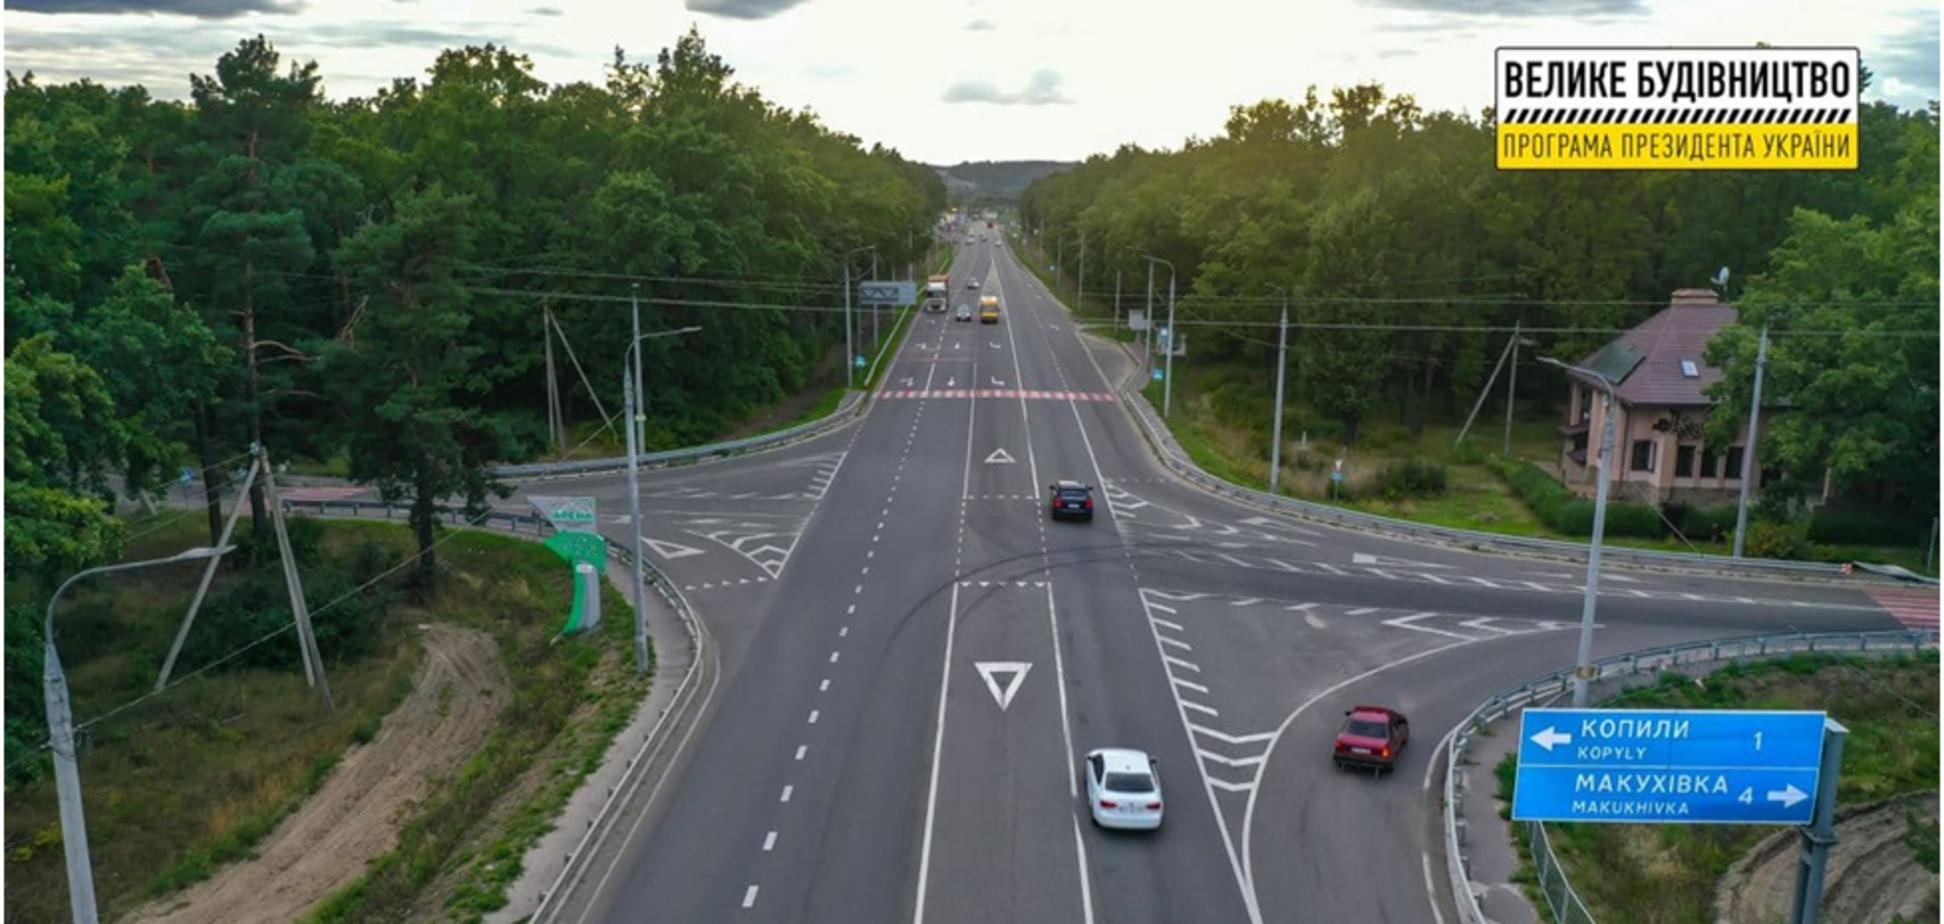 Как выглядит новый участок трассы М-03 на Полтавщине после 'Большой стройки'. Видео